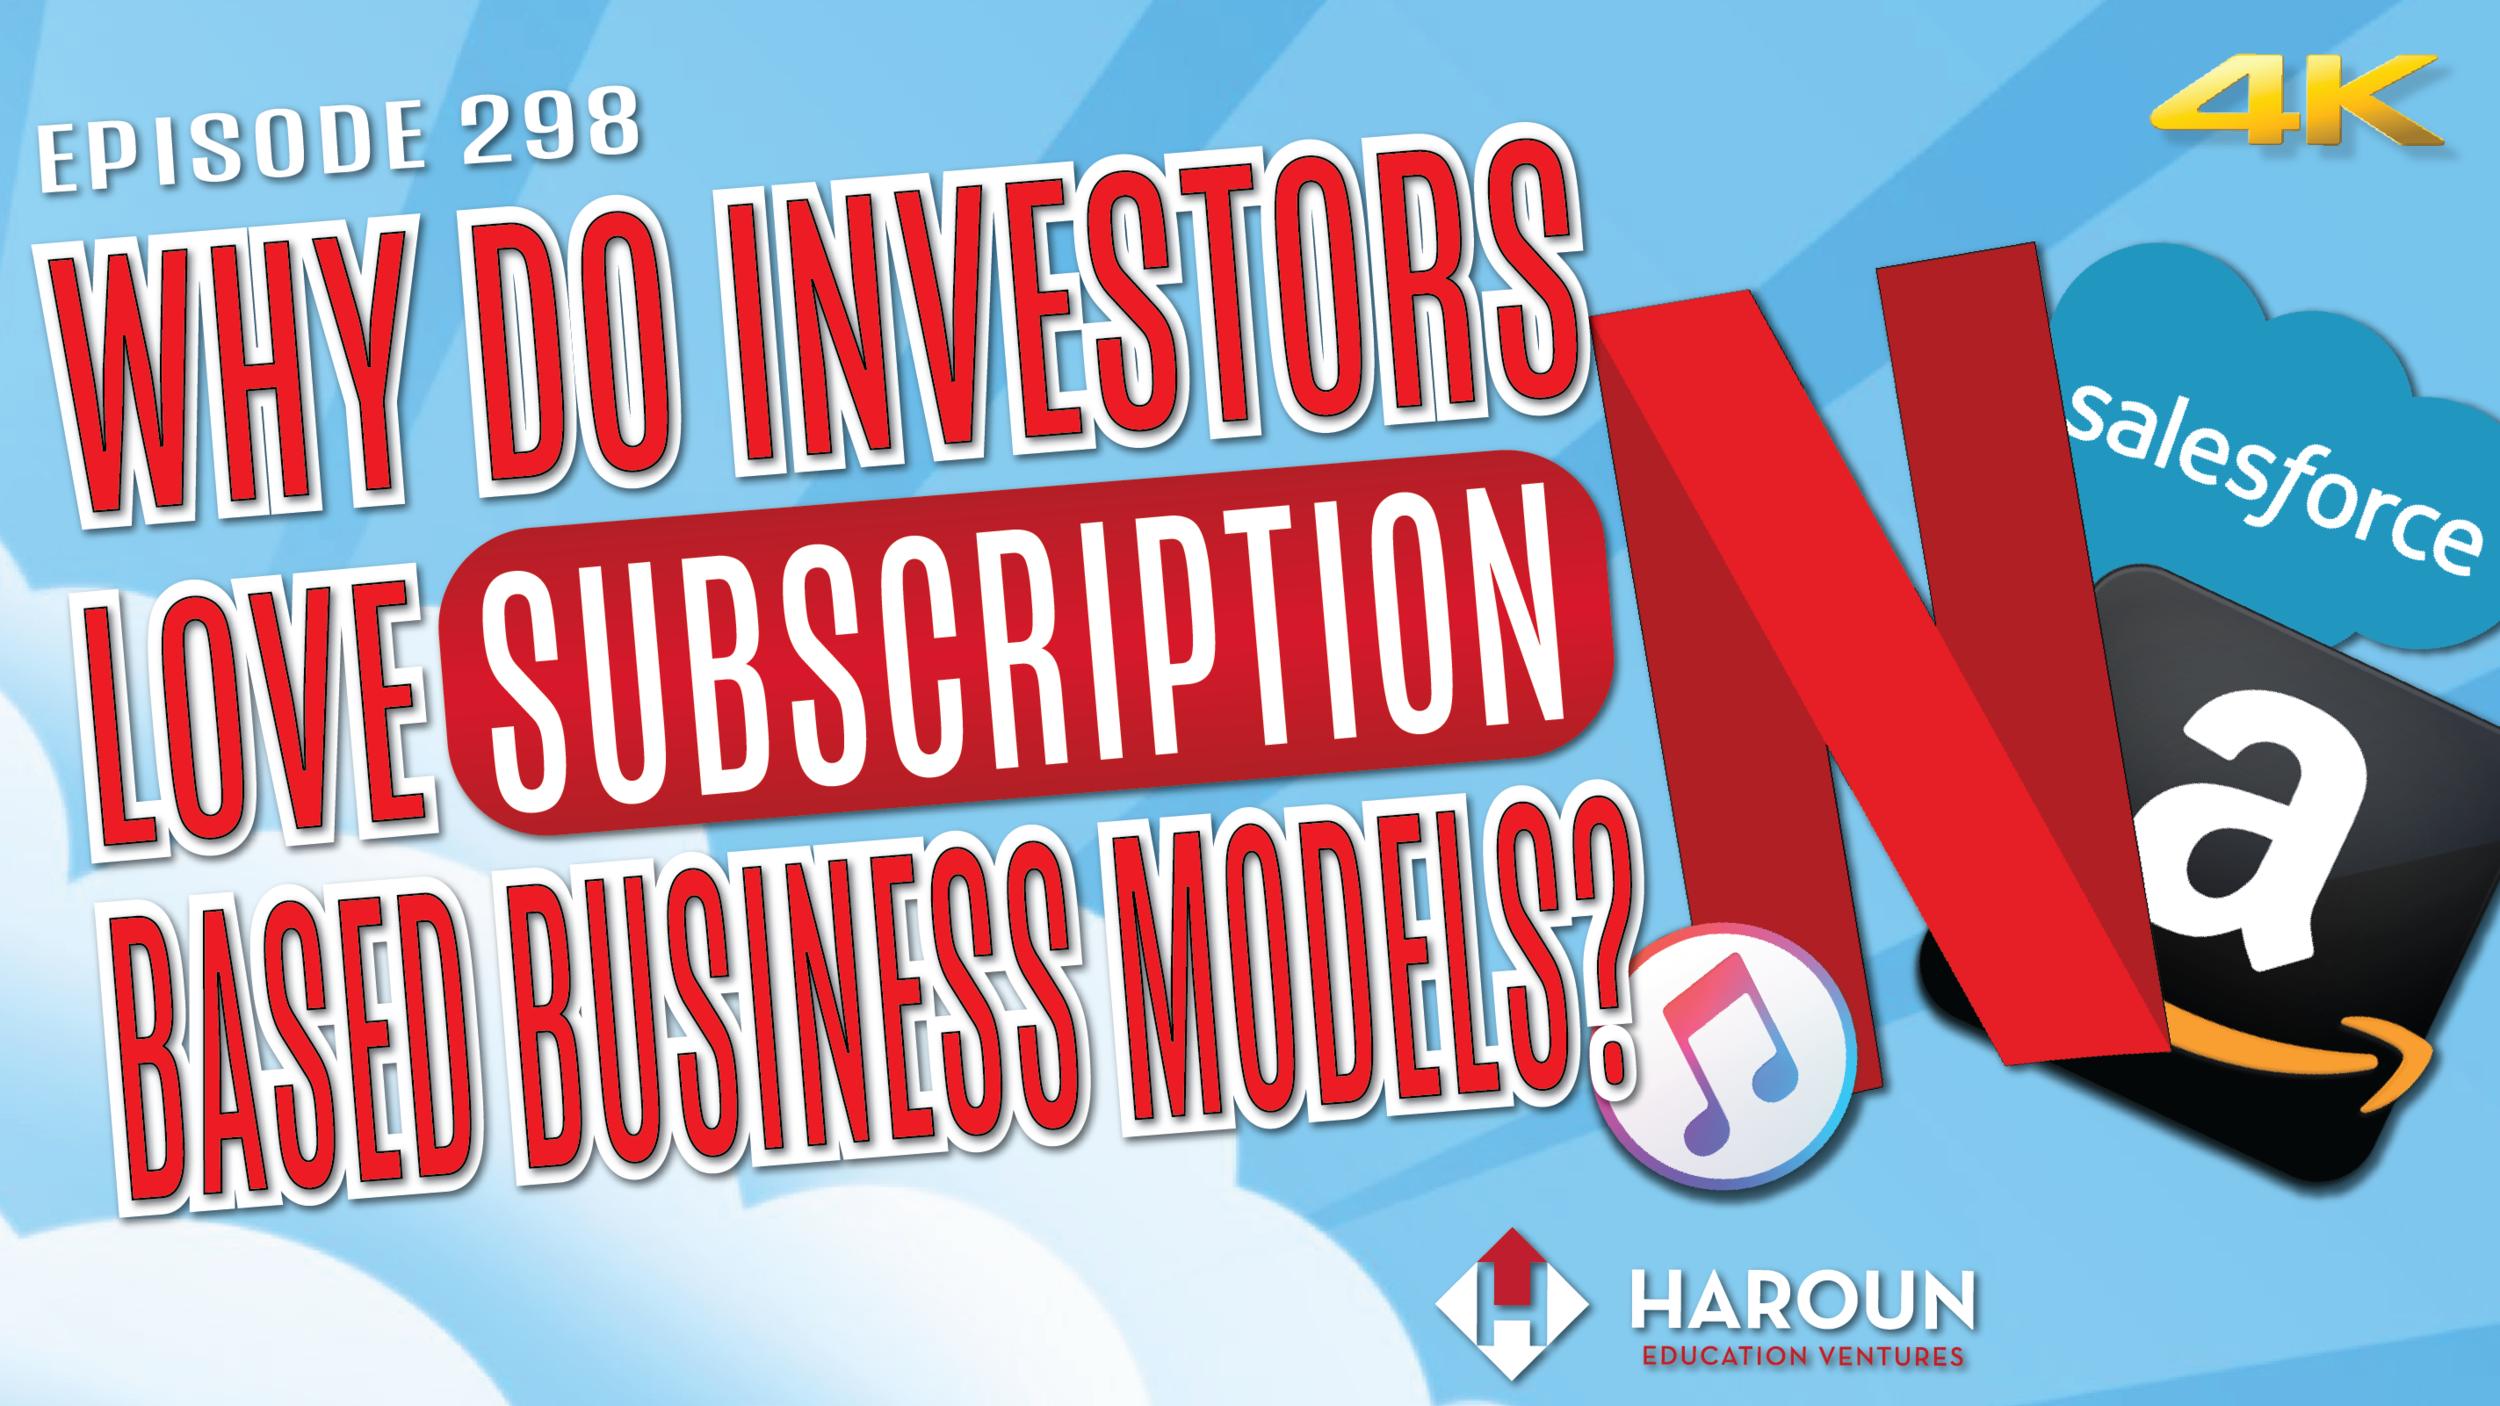 VLOG_298_5_25_2019_Why Do Investors Love Subscription Based Business Models?.png